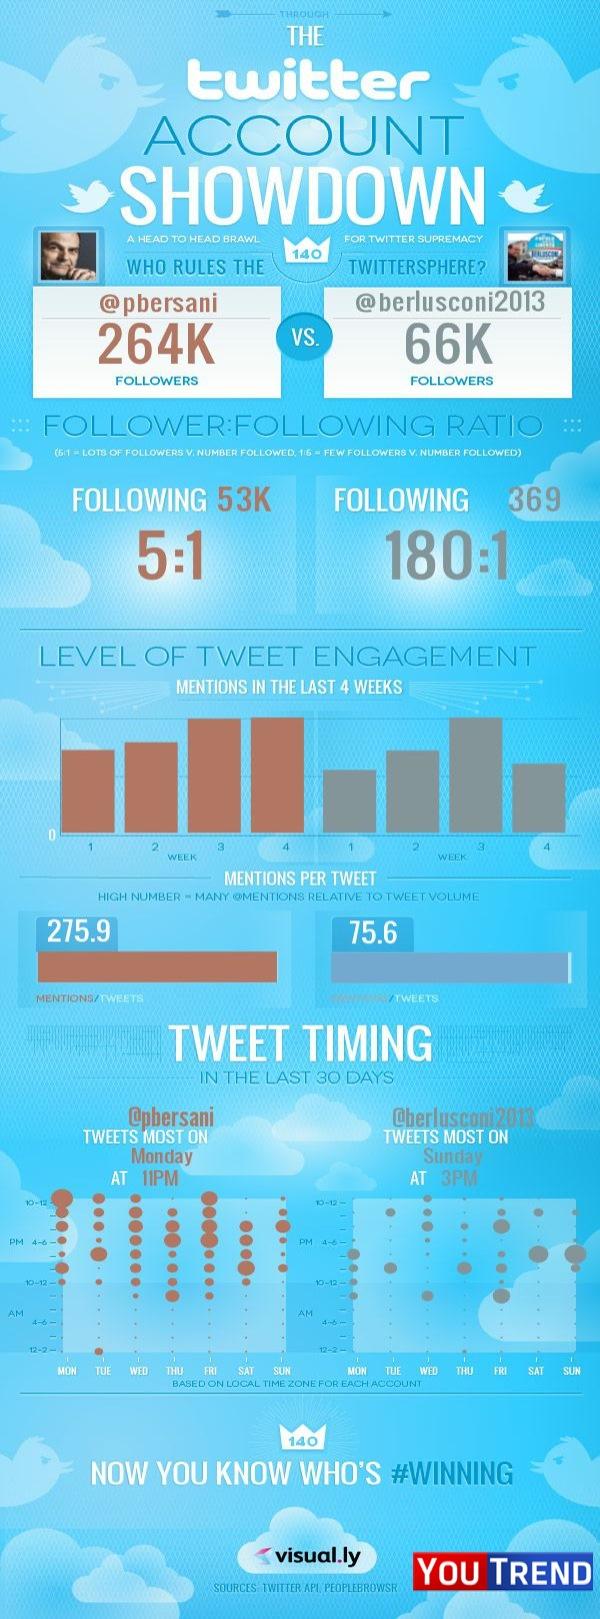 Quale politico domina la twittersfera?